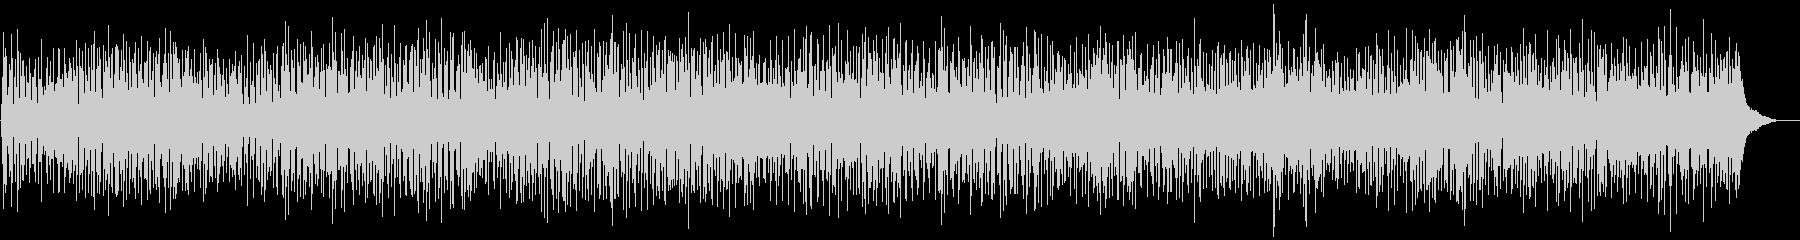 ほのぼのとしたカナディアンフォークの未再生の波形